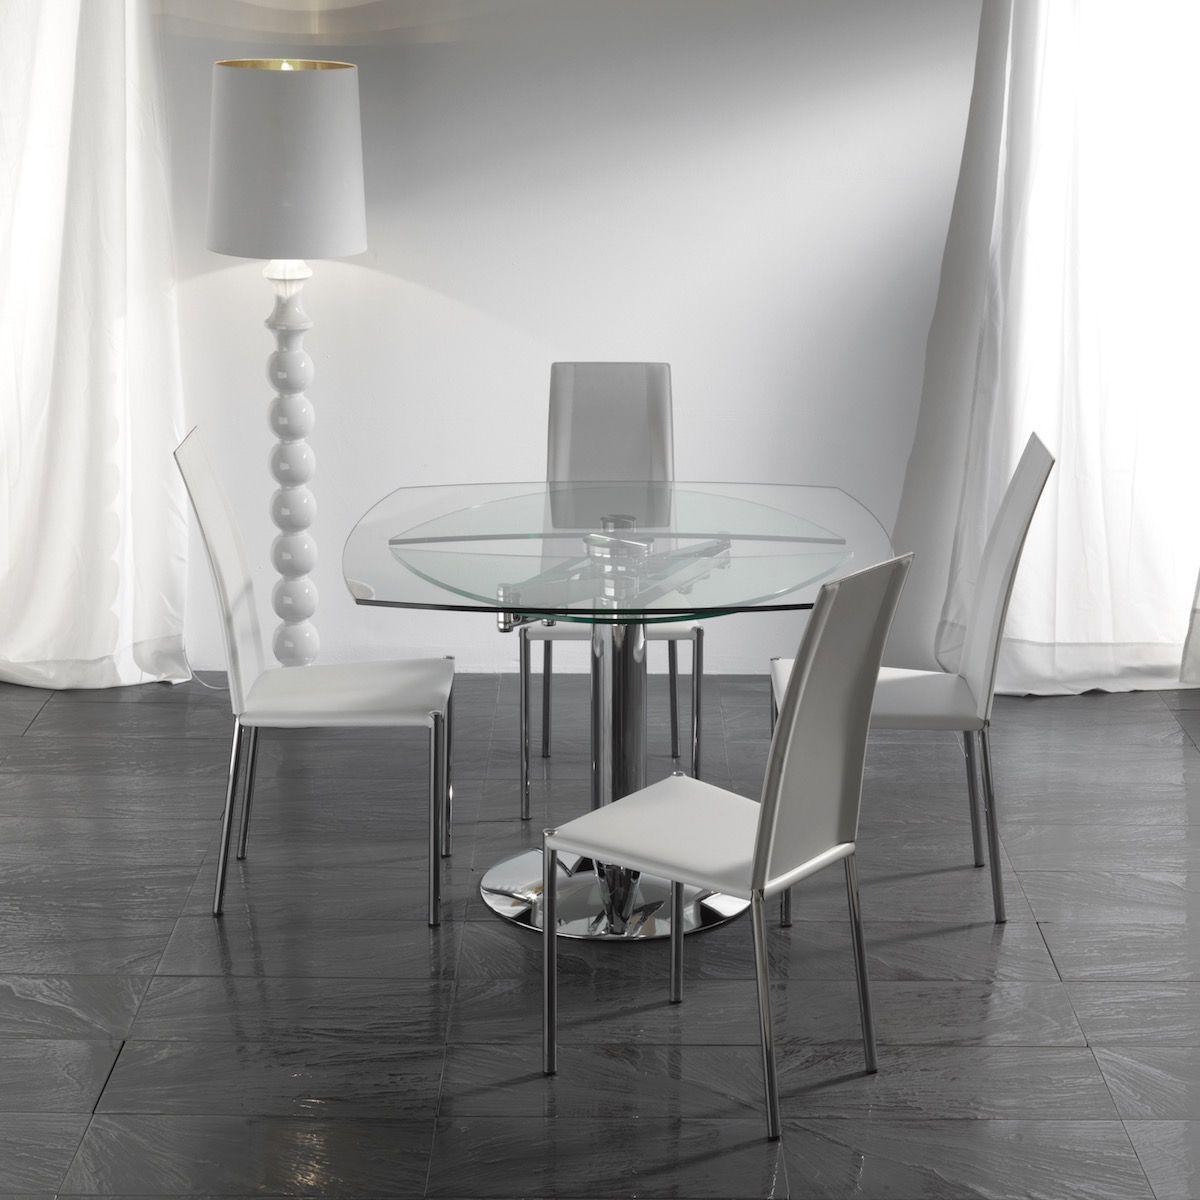 Tavolo Con Gamba Centrale Allungabile tavolo in vetro allungabile con gamba centrale bernat